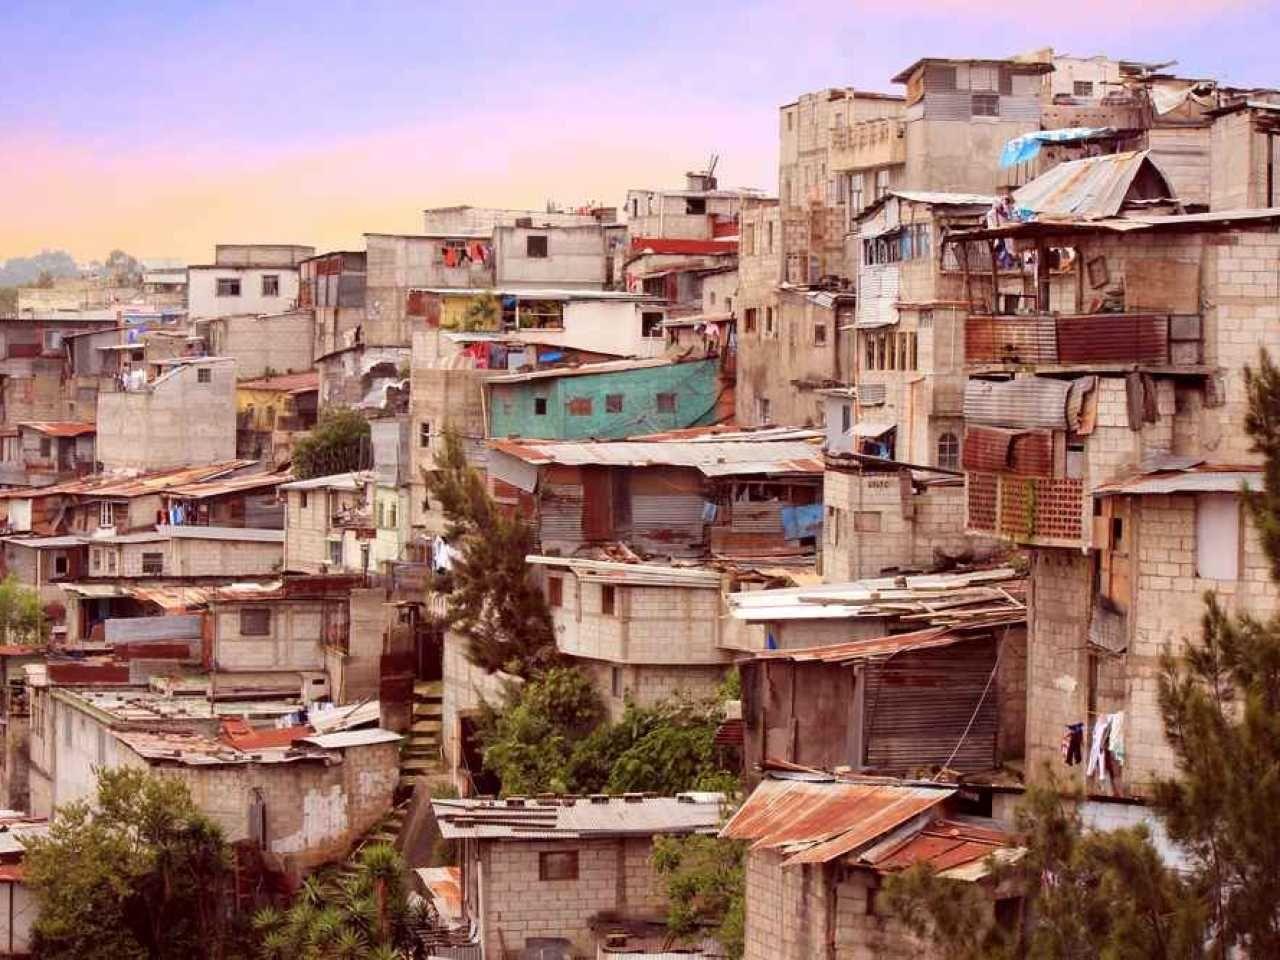 'Instabilidade política compromete combate à pobreza'